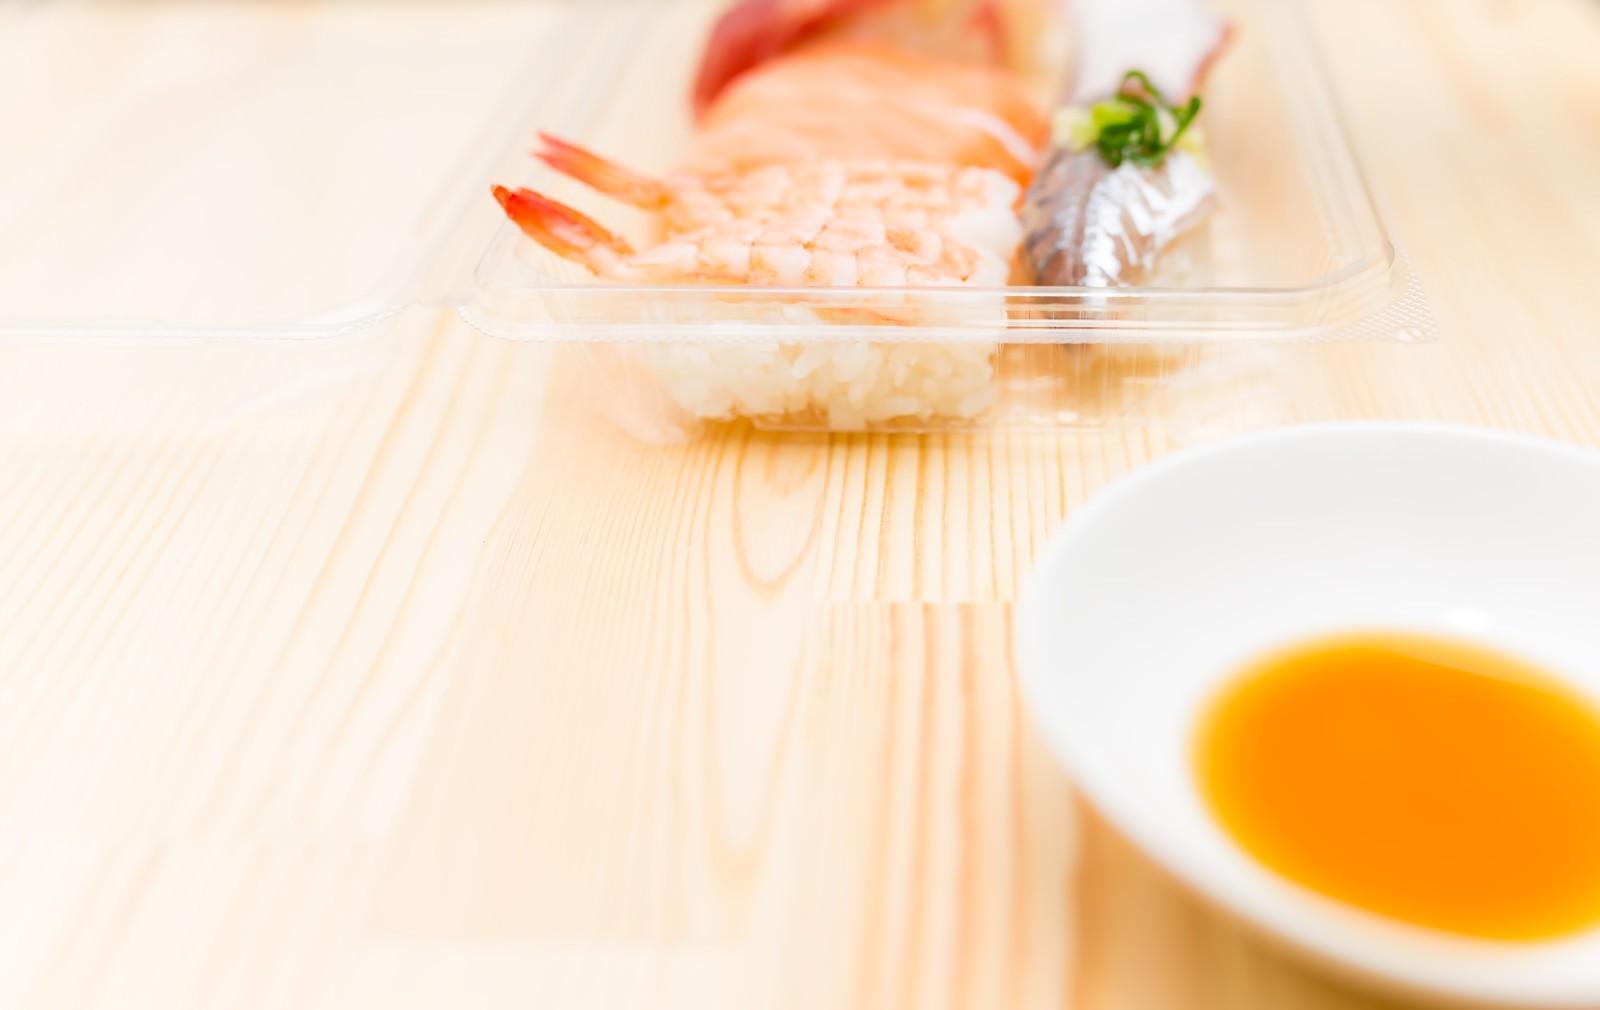 「パックに入ったセール品の寿司」の写真